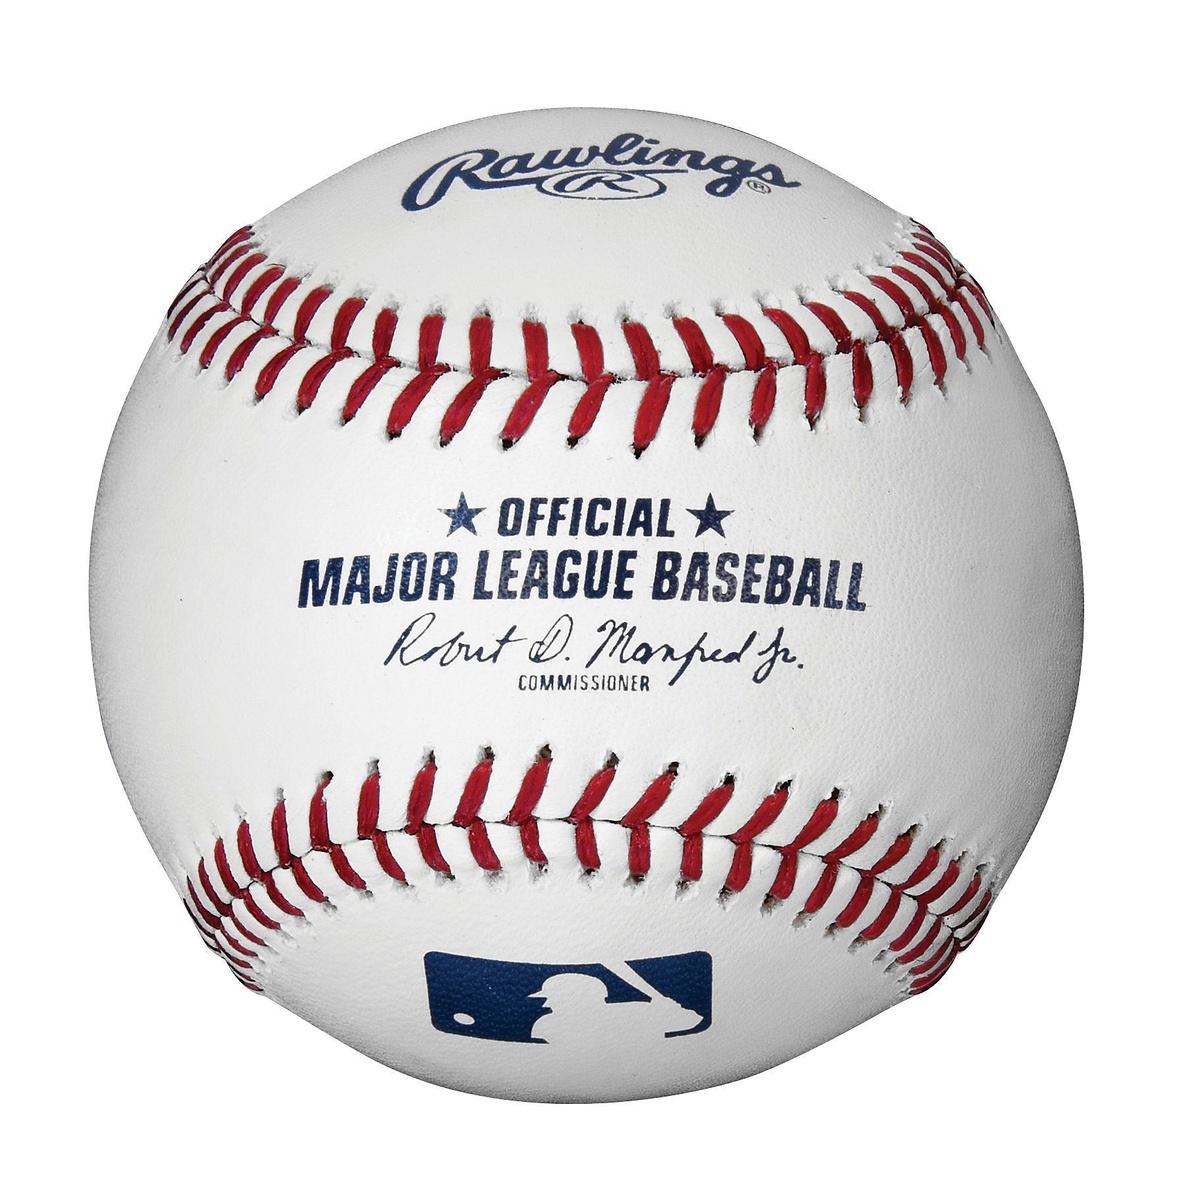 ローリングス 野球 硬式 ランキングTOP5 ボール セール開催中最短即日発送 ROMLB6 - Rawlings MLB公式試合球